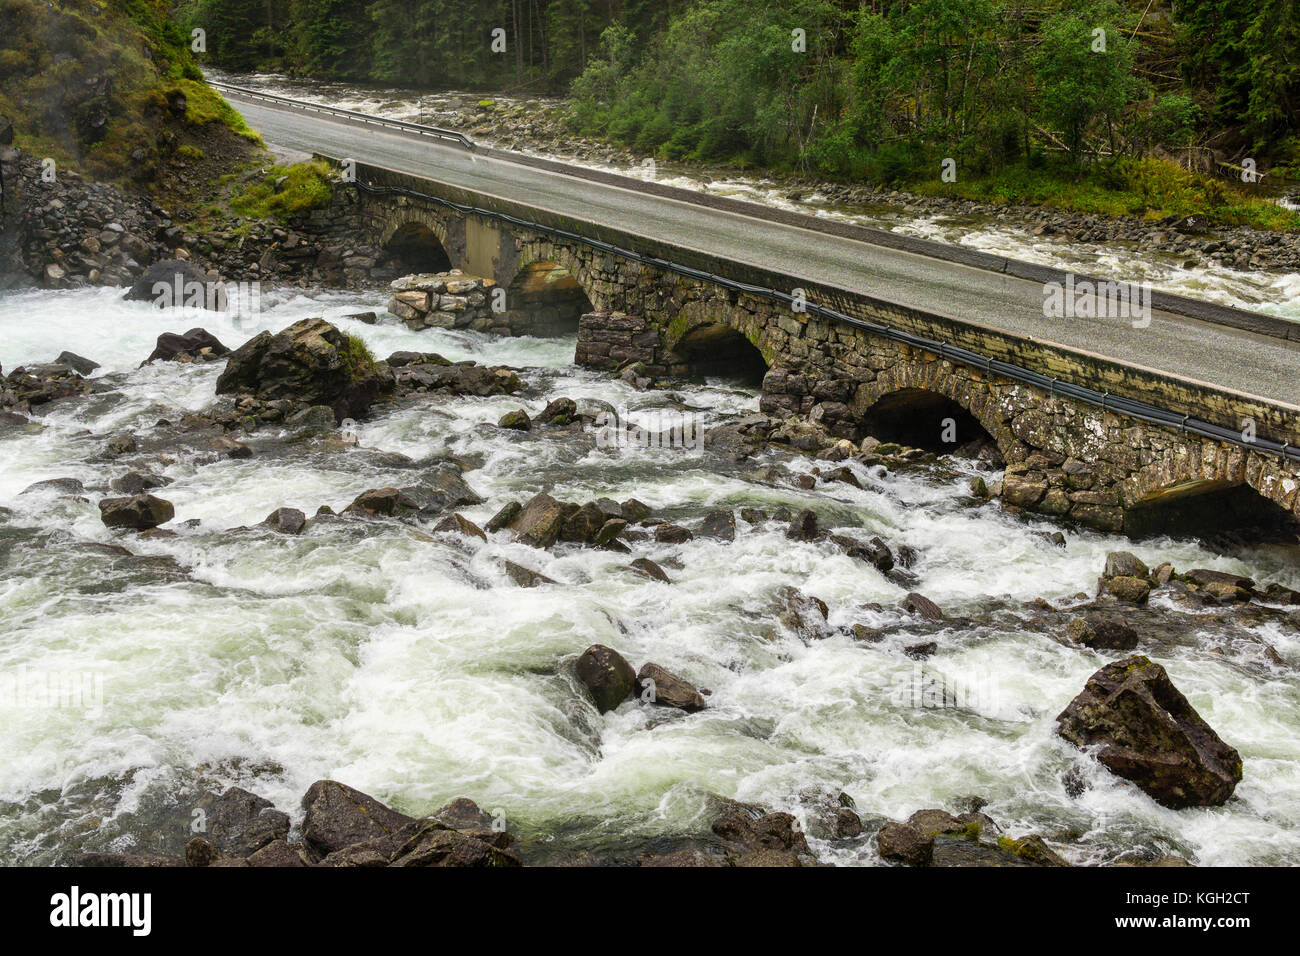 Antiguo puente de piedra. carretera cruzando el río latefoss, Noruega. Imagen De Stock